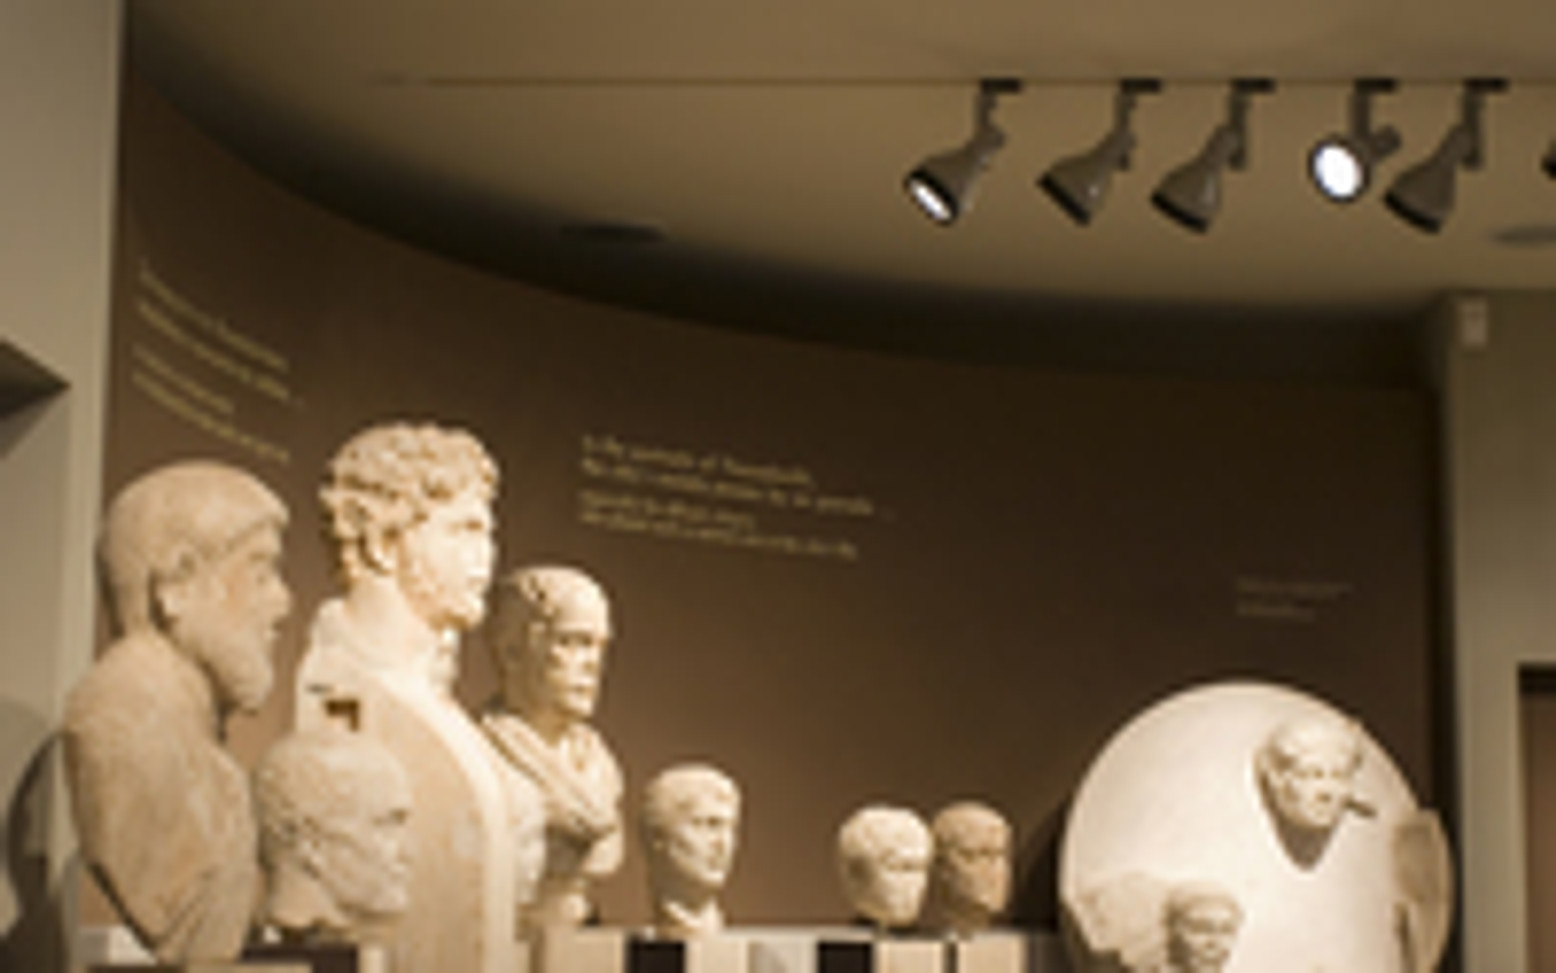 Modern Lighting Fixture - Light at the Museum